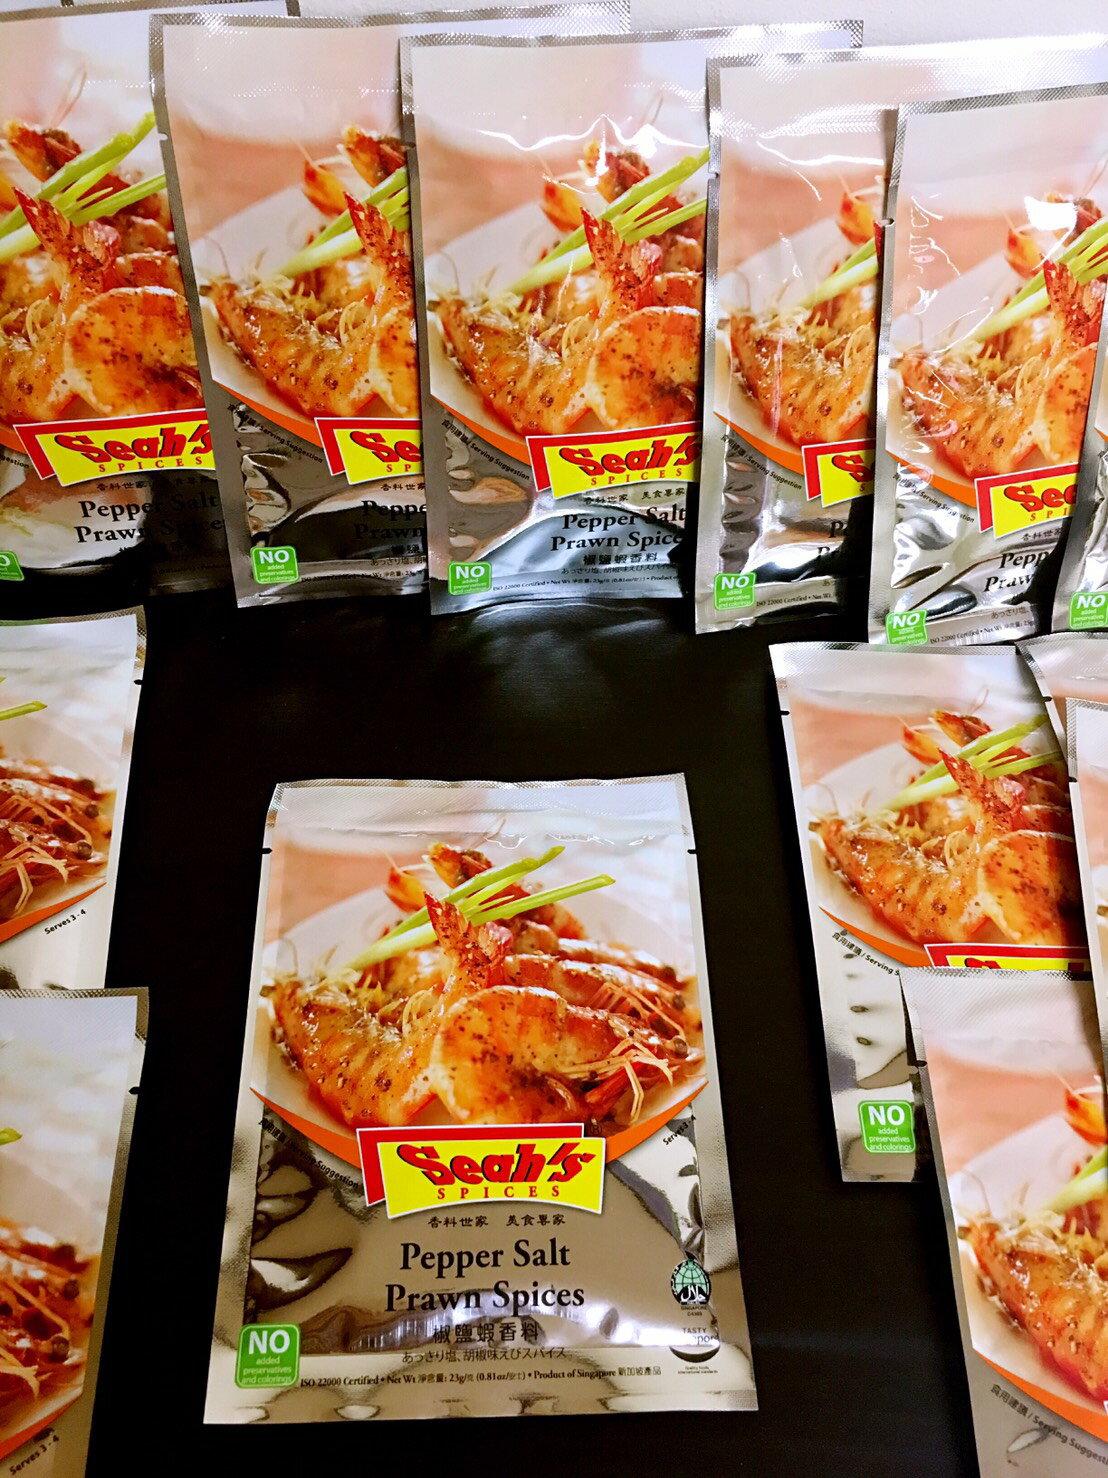 新加坡特產 Seah′s香氏 椒鹽蝦香料 美食~Seah′s香氏肉骨茶湯料 肉骨茶 香氏肉骨茶包【AA003】